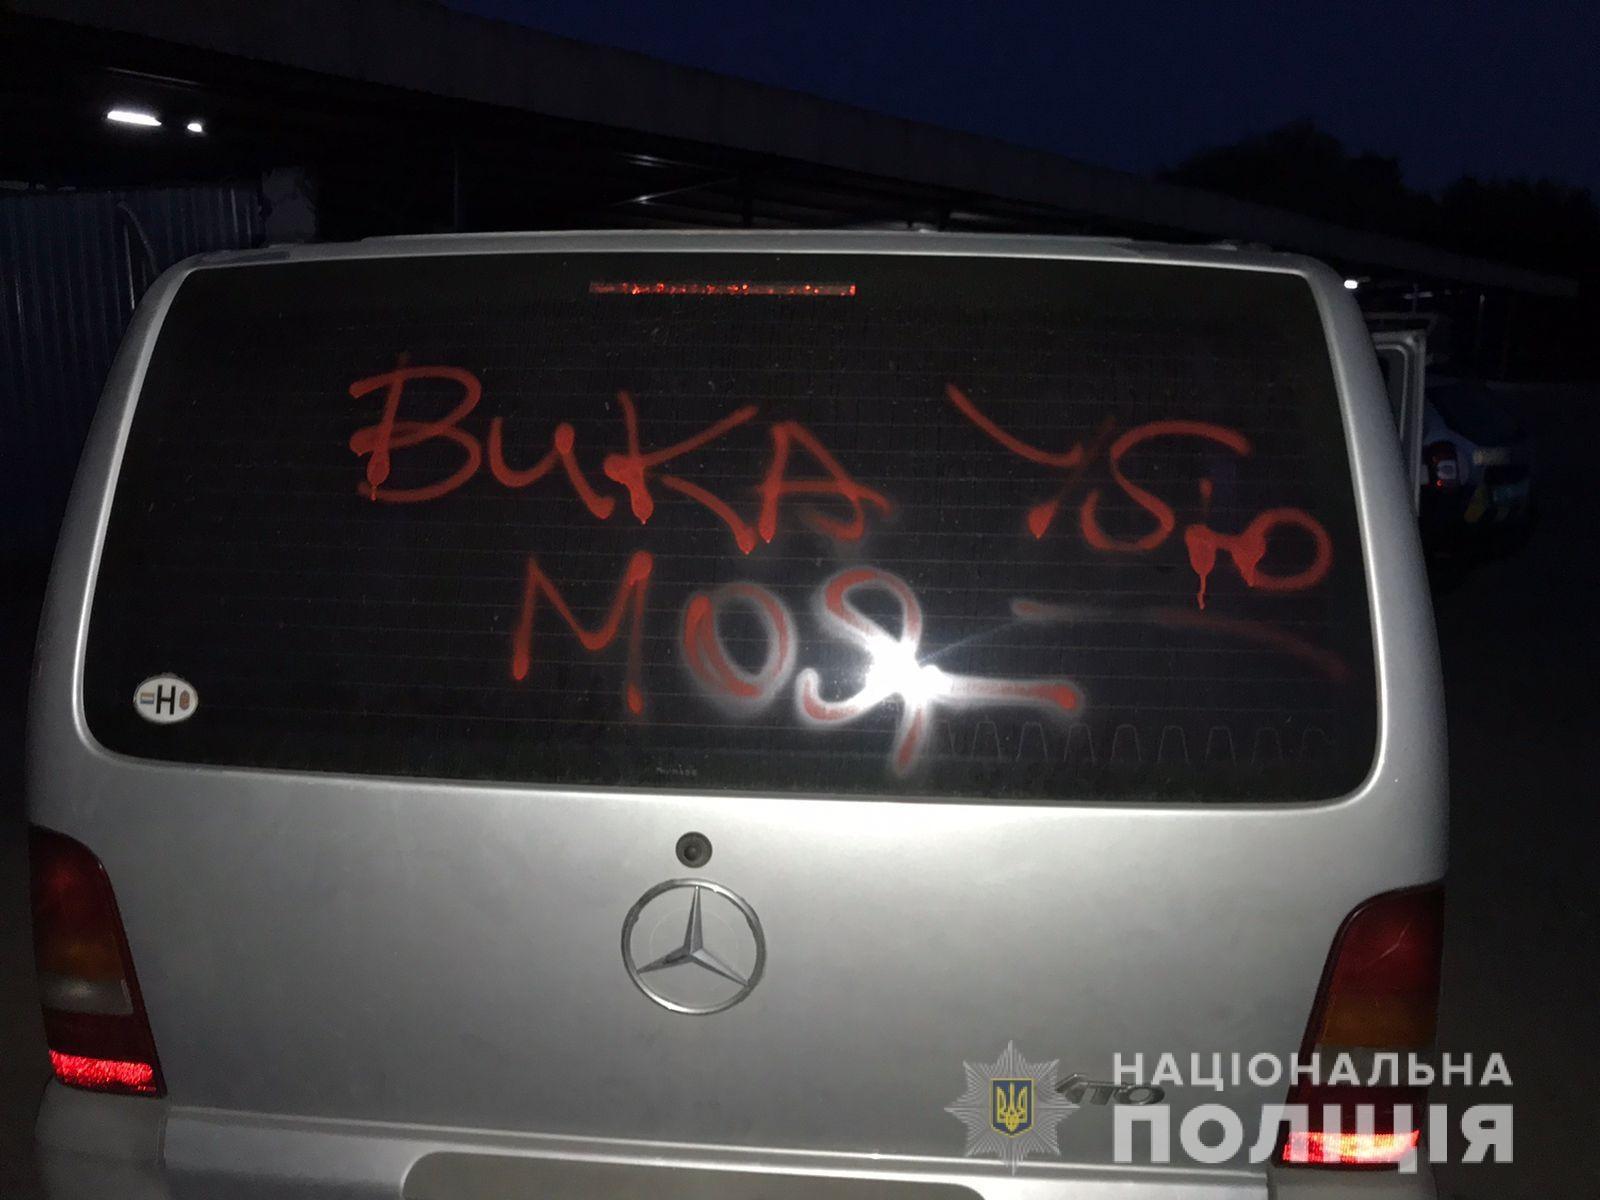 Вчора, 27 вересня, ввечері до поліції Берегова надійшло повідомлення про напад на подружжя по вулиці Вокзальній.